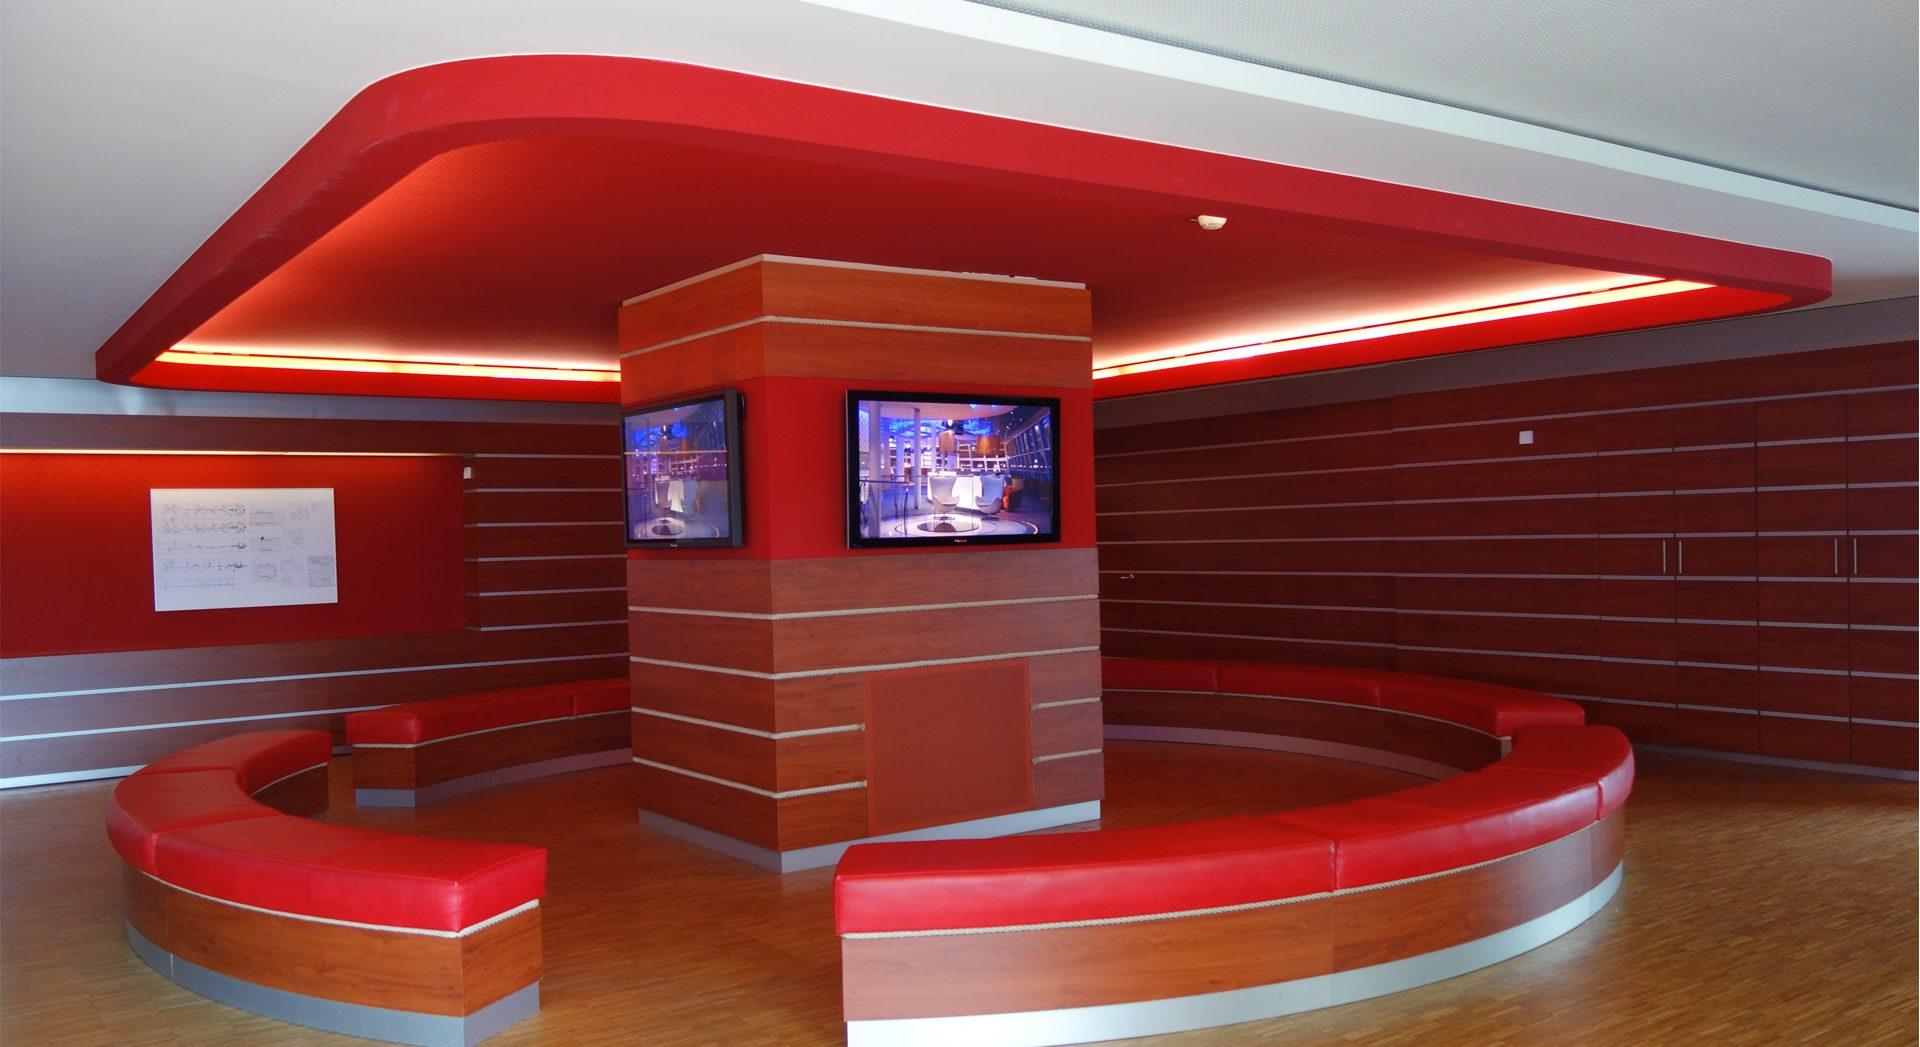 Gewerbearchitektur; Meyer Werft Besucherzentrum; Museum; Innenarchitektur; Gestaltung; Design; Lichtkonzept; Möbeldesign;